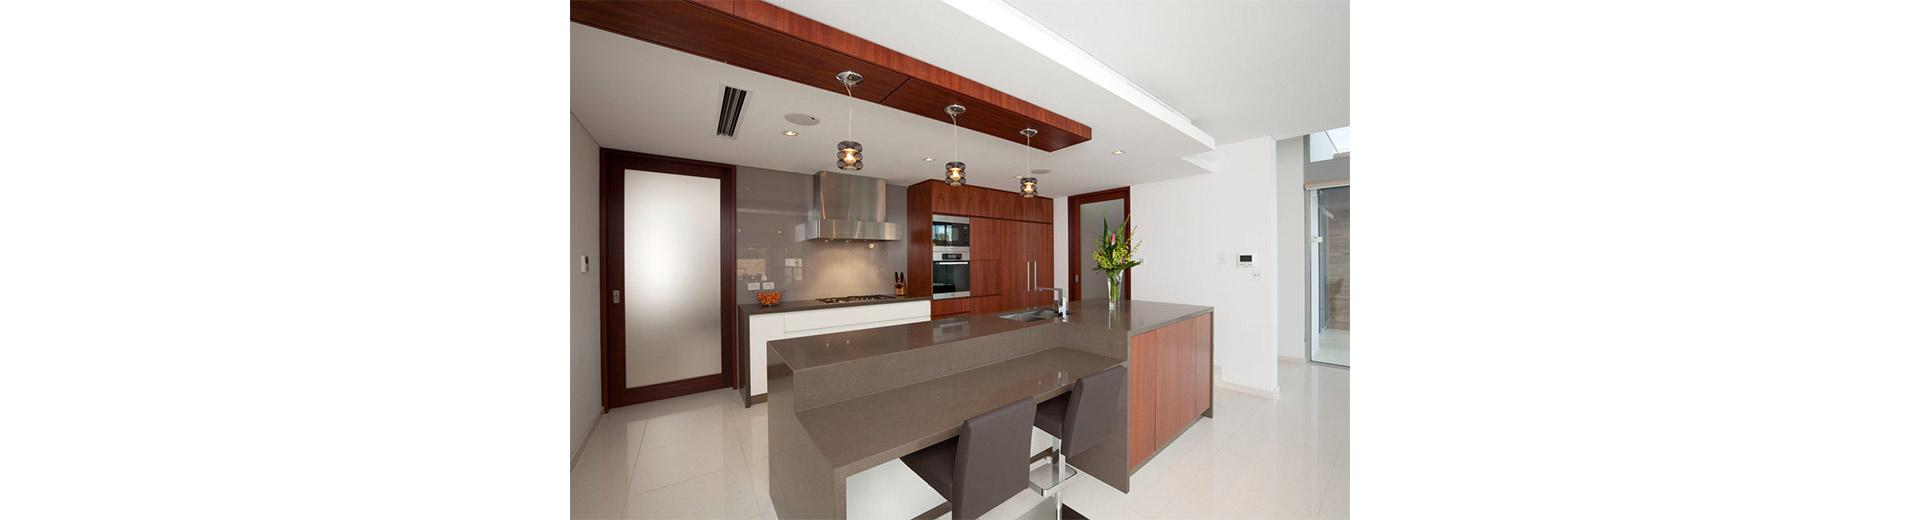 Slides-kitchen2